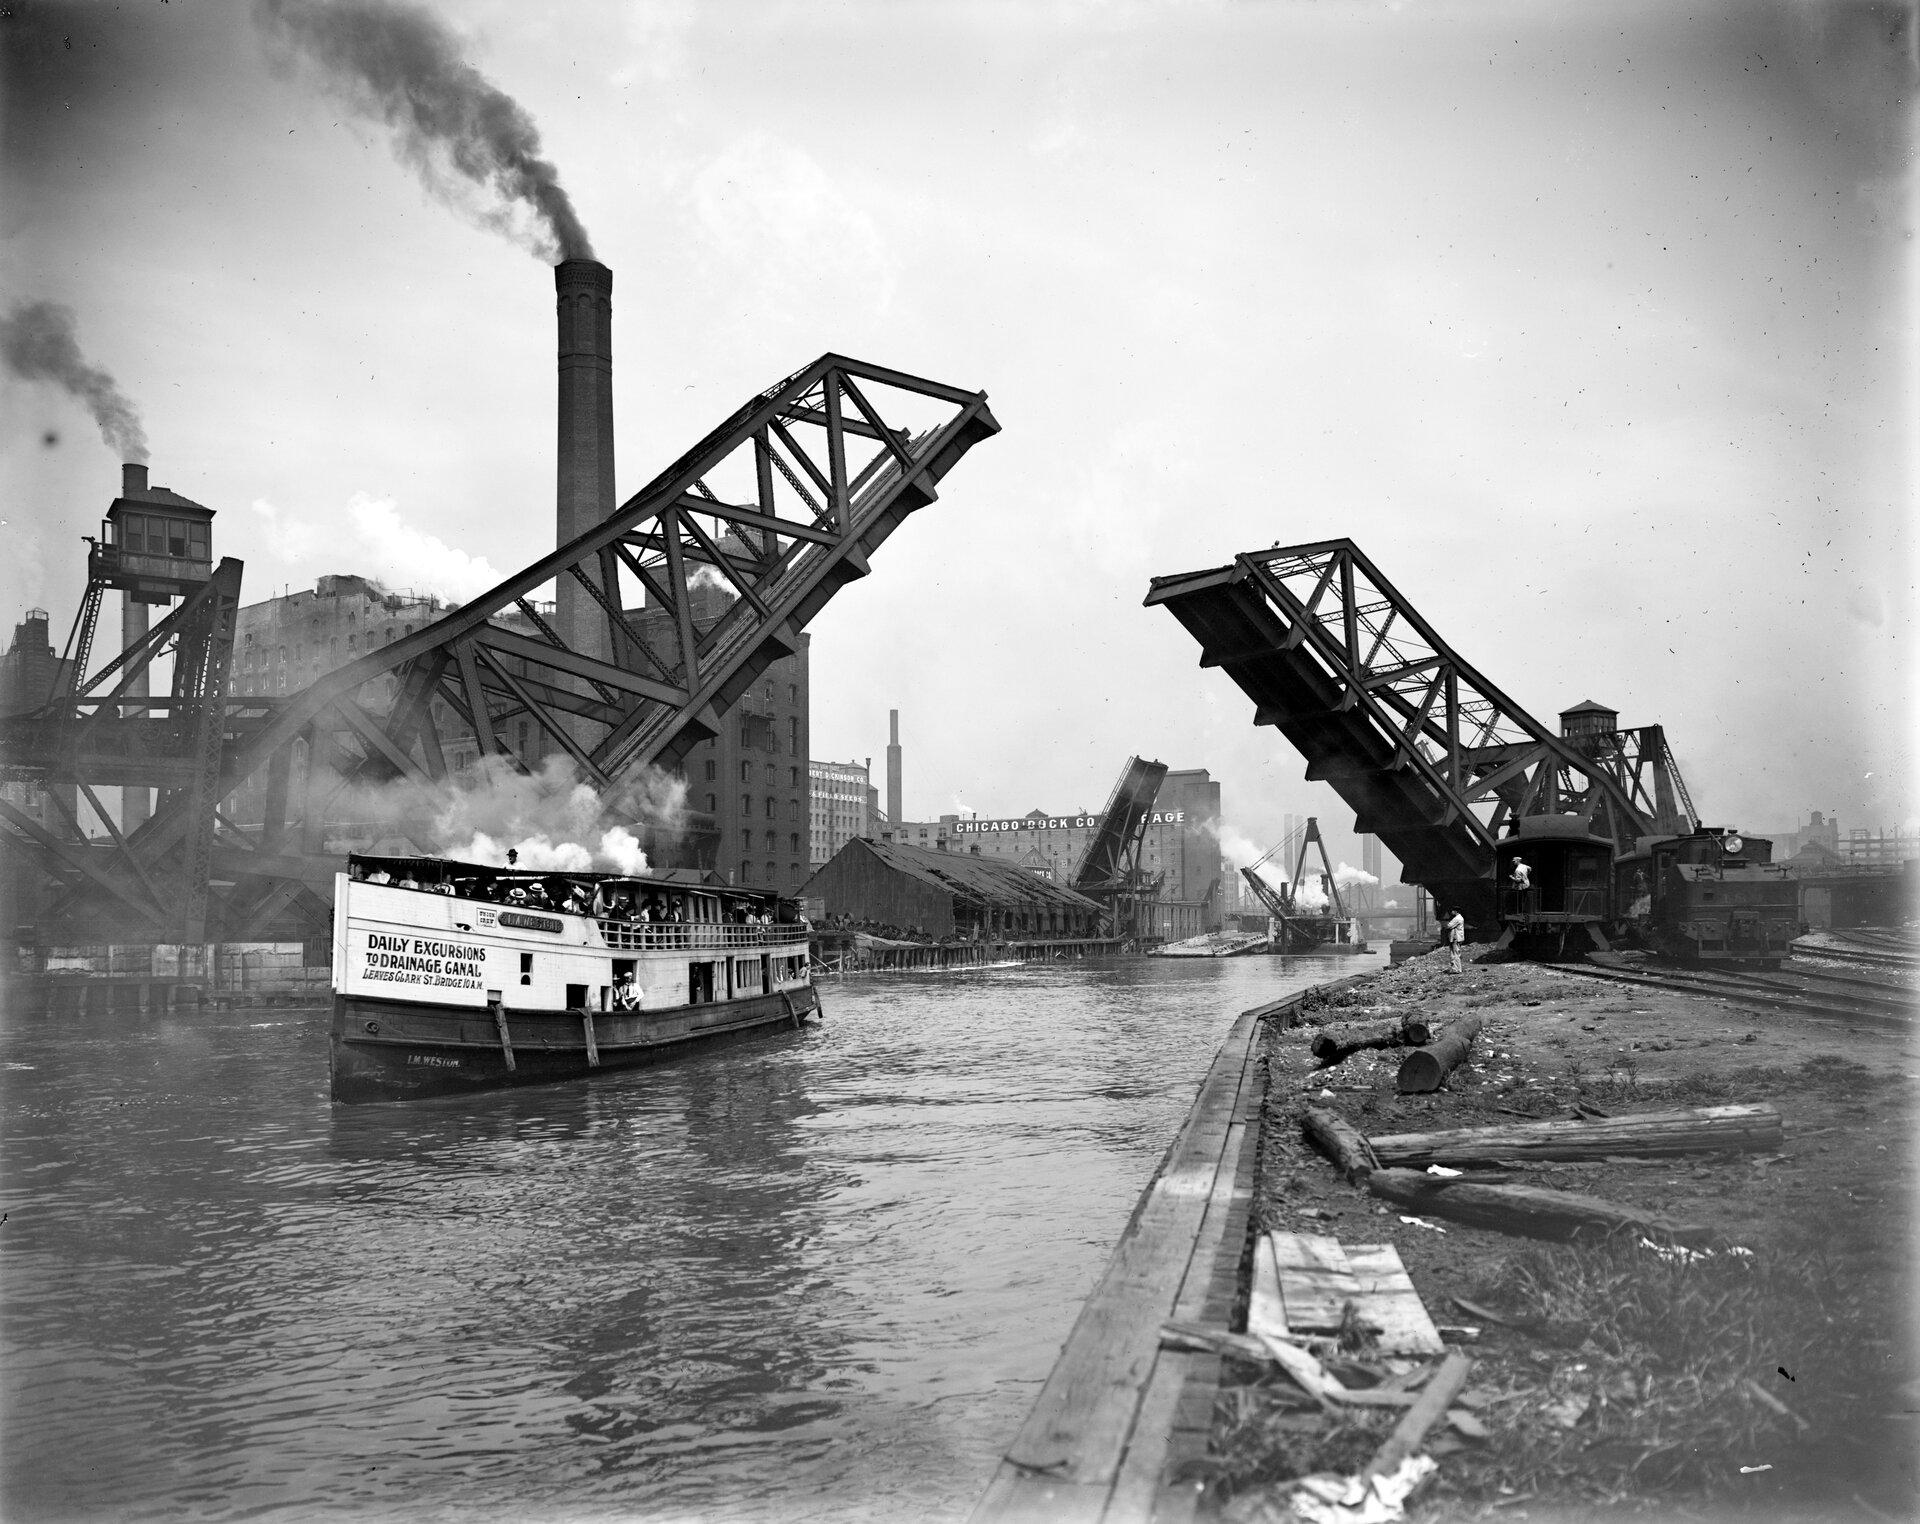 12th St. Bascule Bridge, Chicago Fort Dearborn. Fotografiazpoczątku XXwieku Źródło: Detroit Publishing Co., 12th St. Bascule Bridge, Chicago, 1900–1910, domena publiczna.